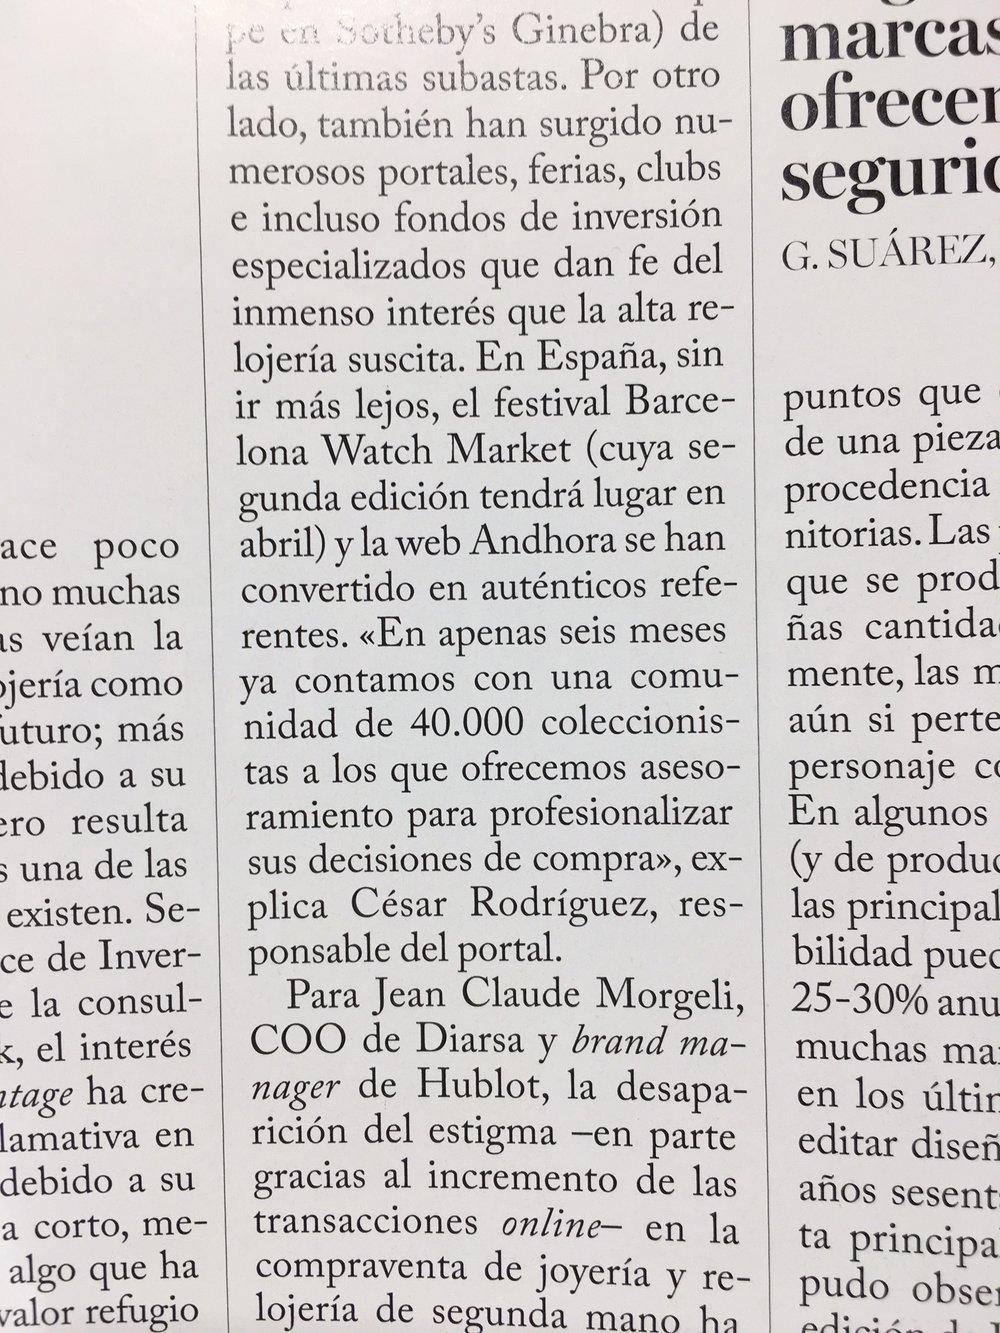 Vogue Joyas Andhora.com 4:5 2017.JPG